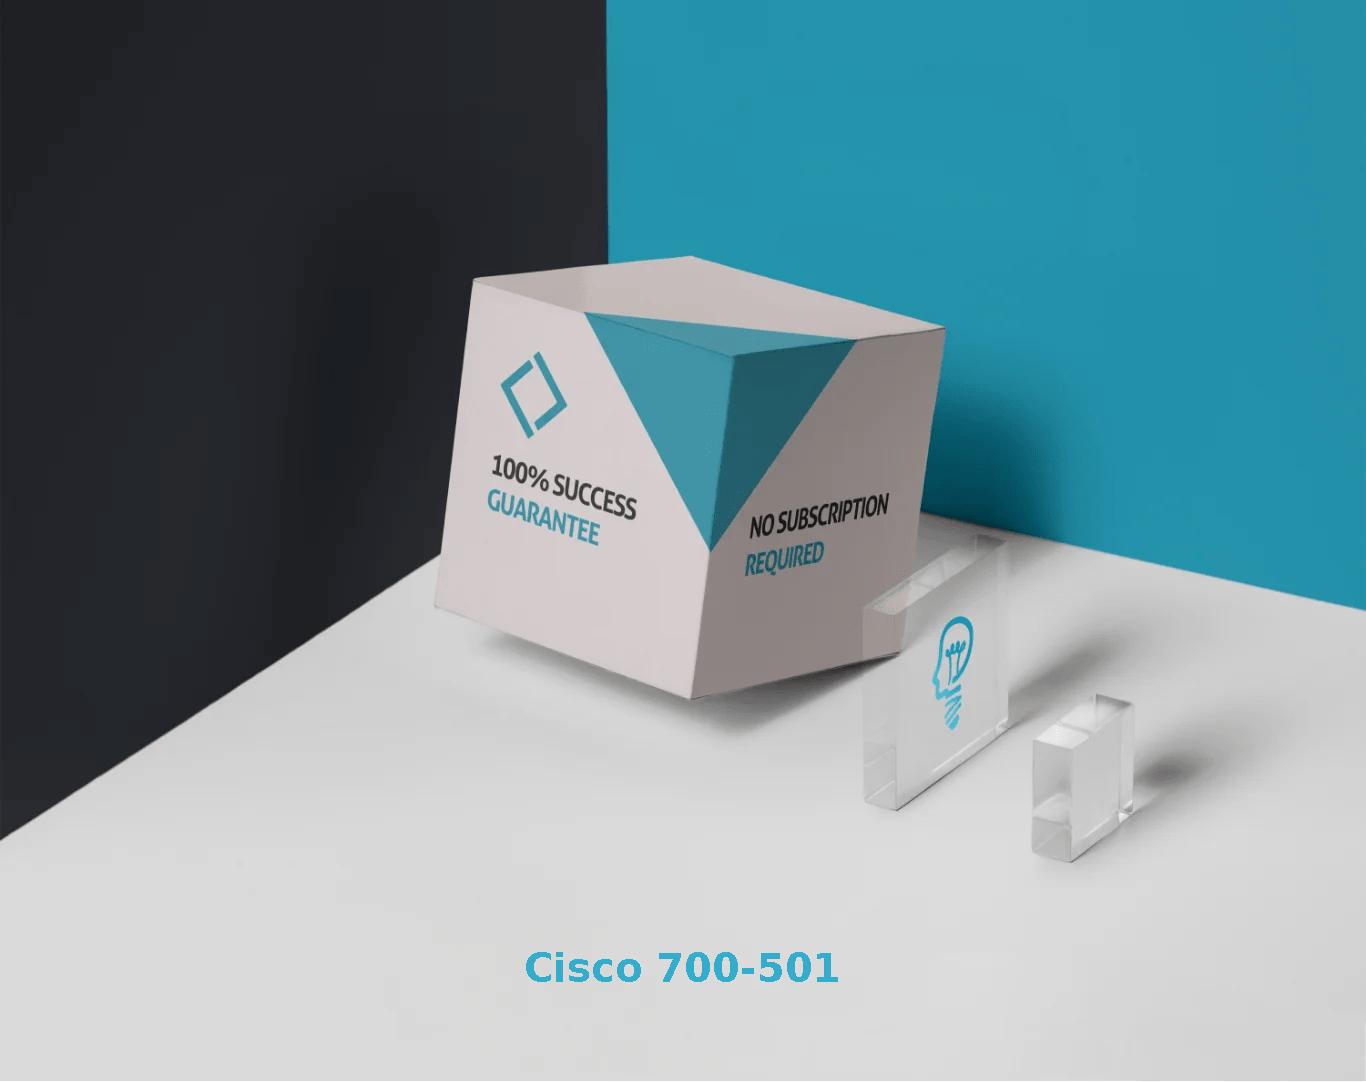 Cisco 700-501 Exams